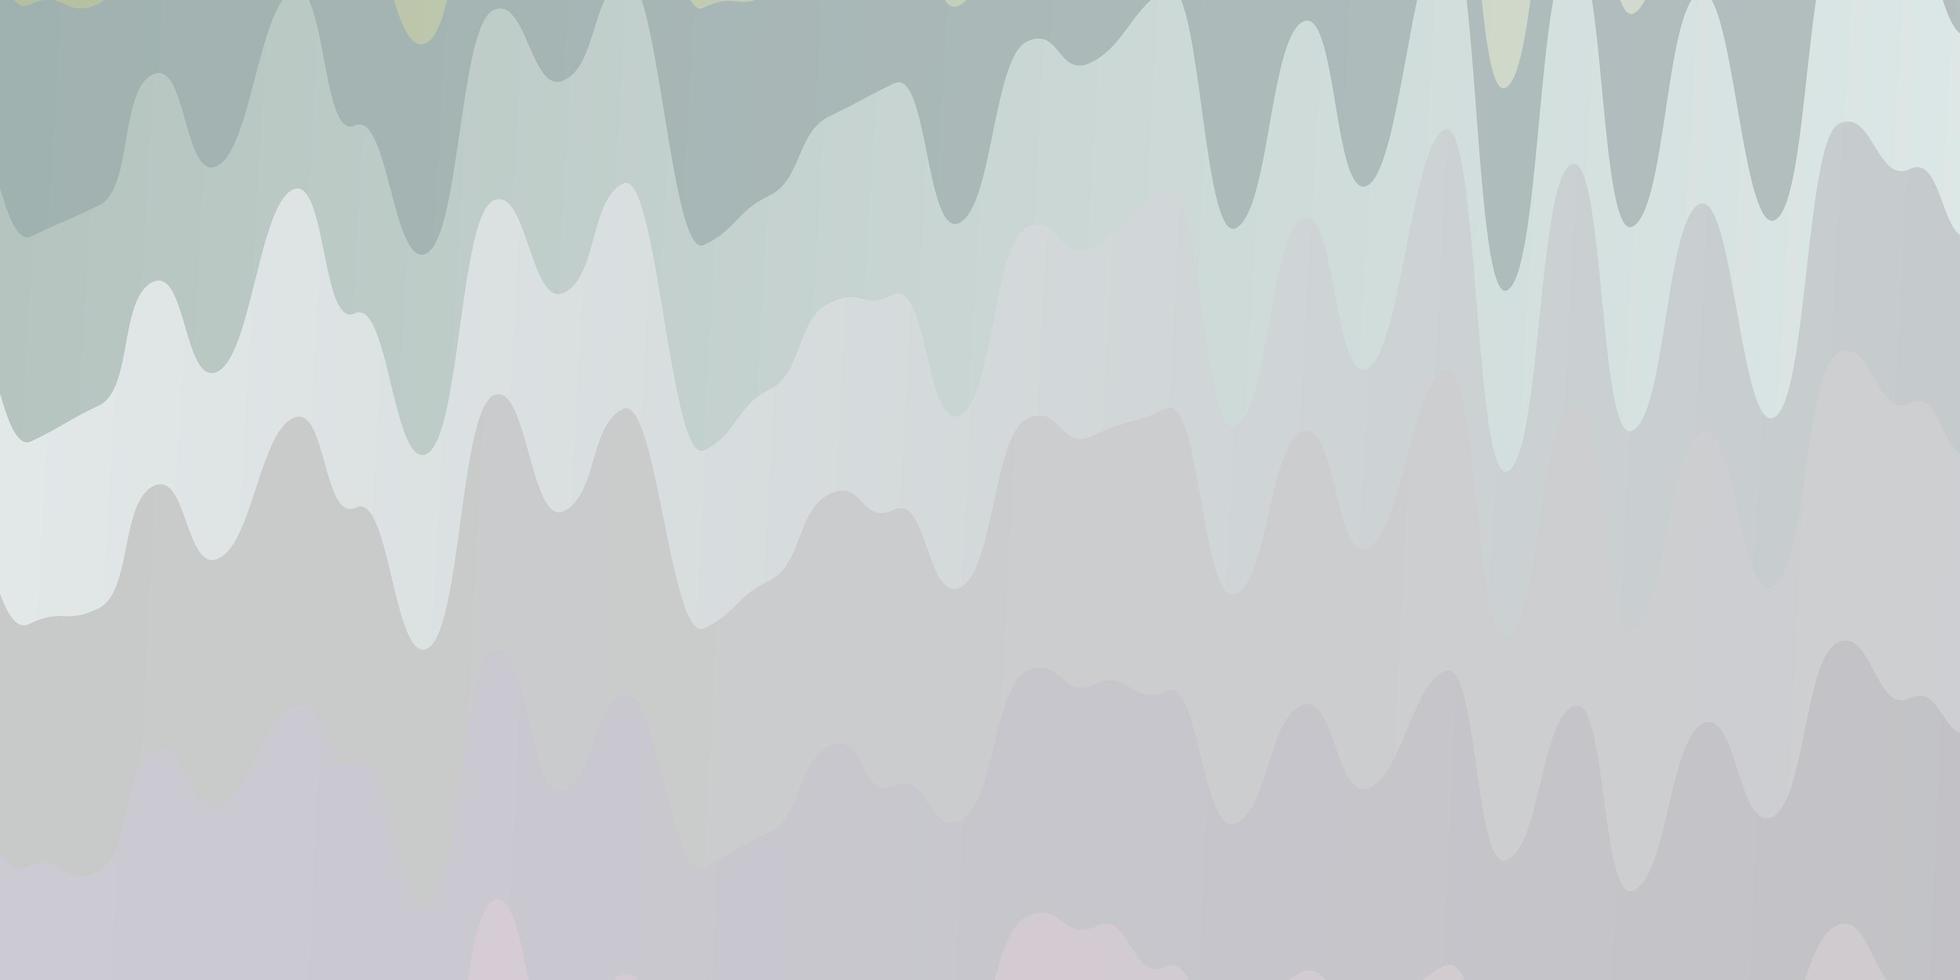 layout de vetor multicolor de luz com arco circular.